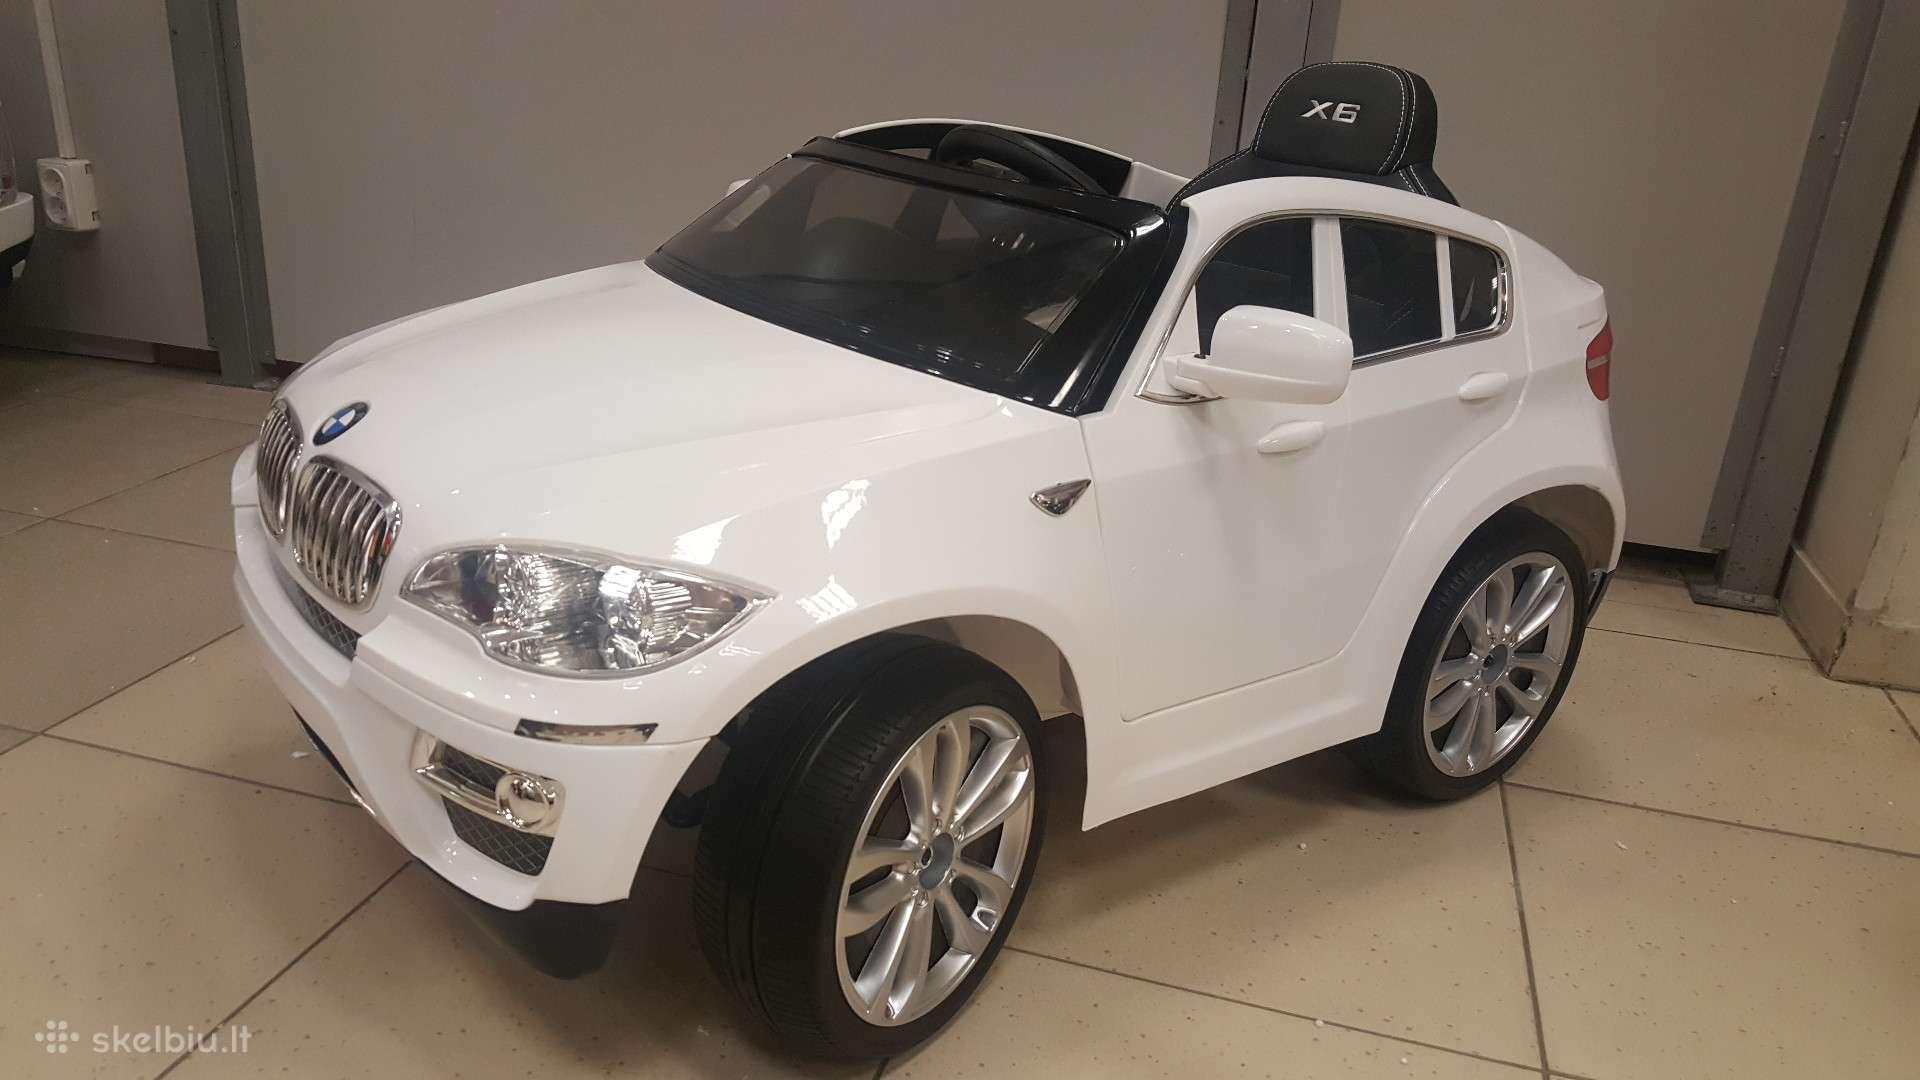 100 bmw jeep 2017 2017 frankfurt motor show new cars from bmw ferrari lamborghini bmw x5. Black Bedroom Furniture Sets. Home Design Ideas